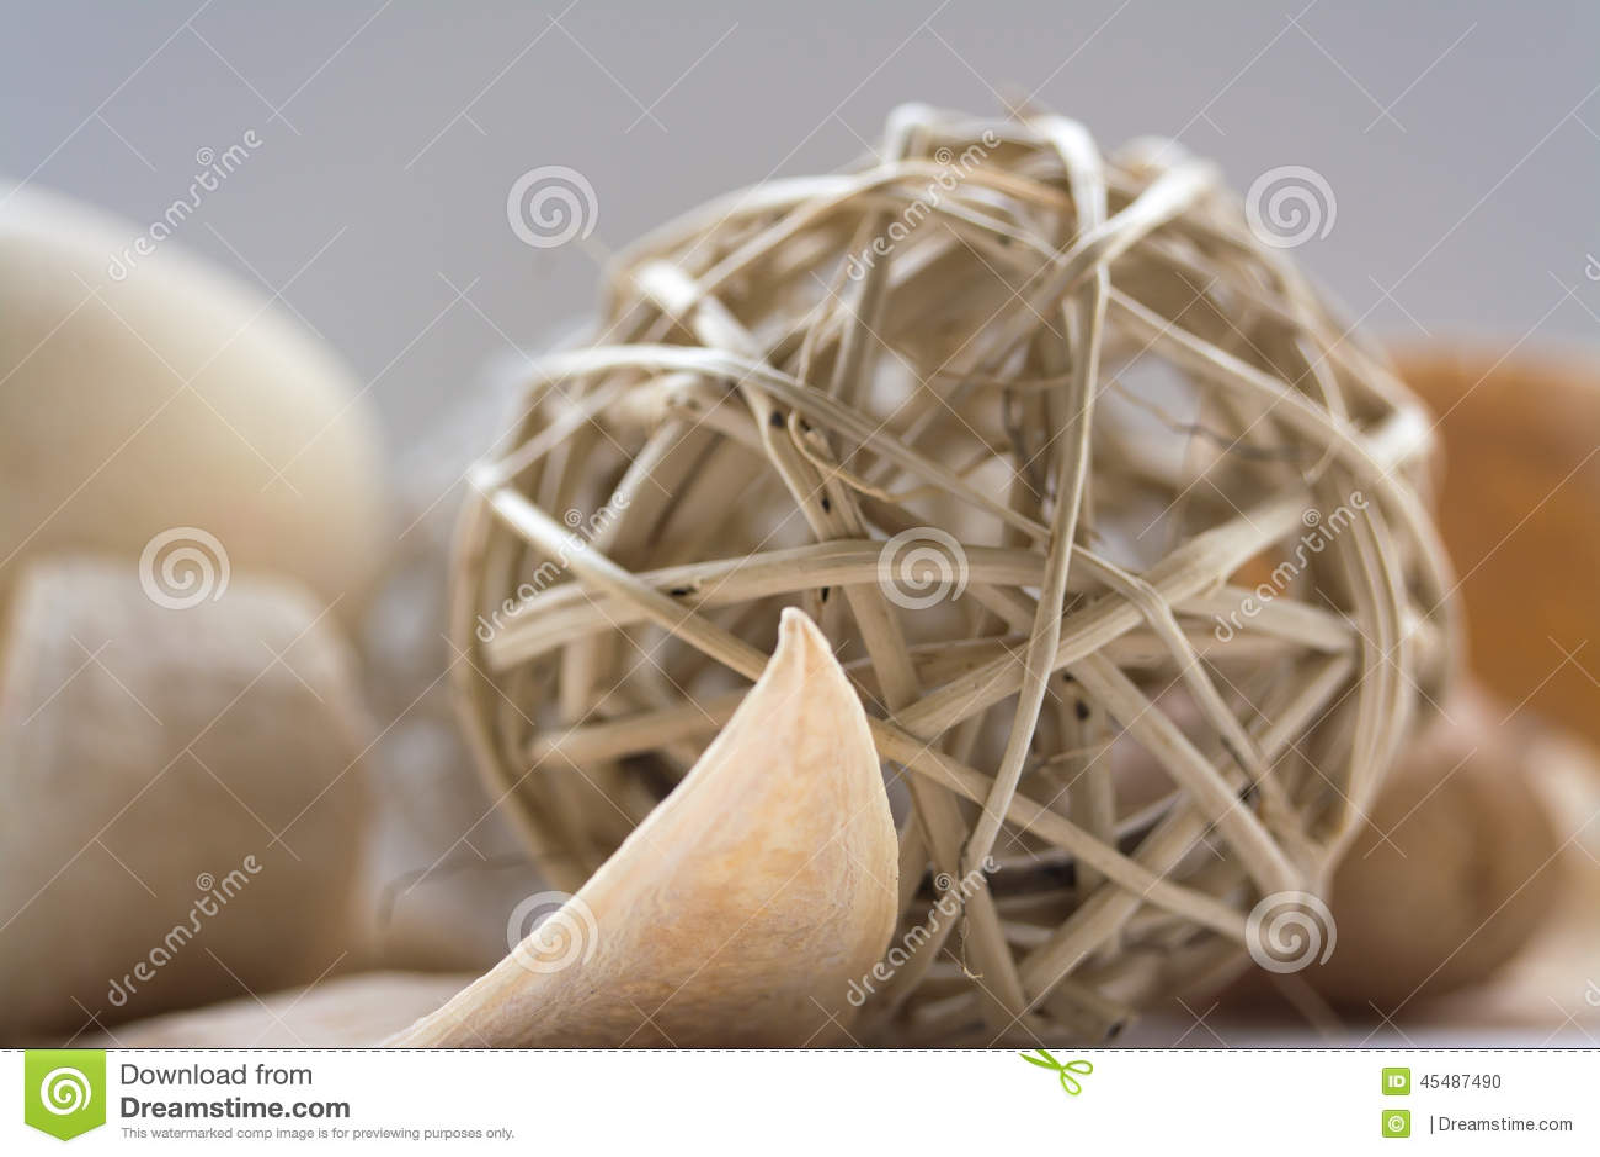 Fiore secco sistemato con le palle di vimini fotografia for Antifurto con le palle